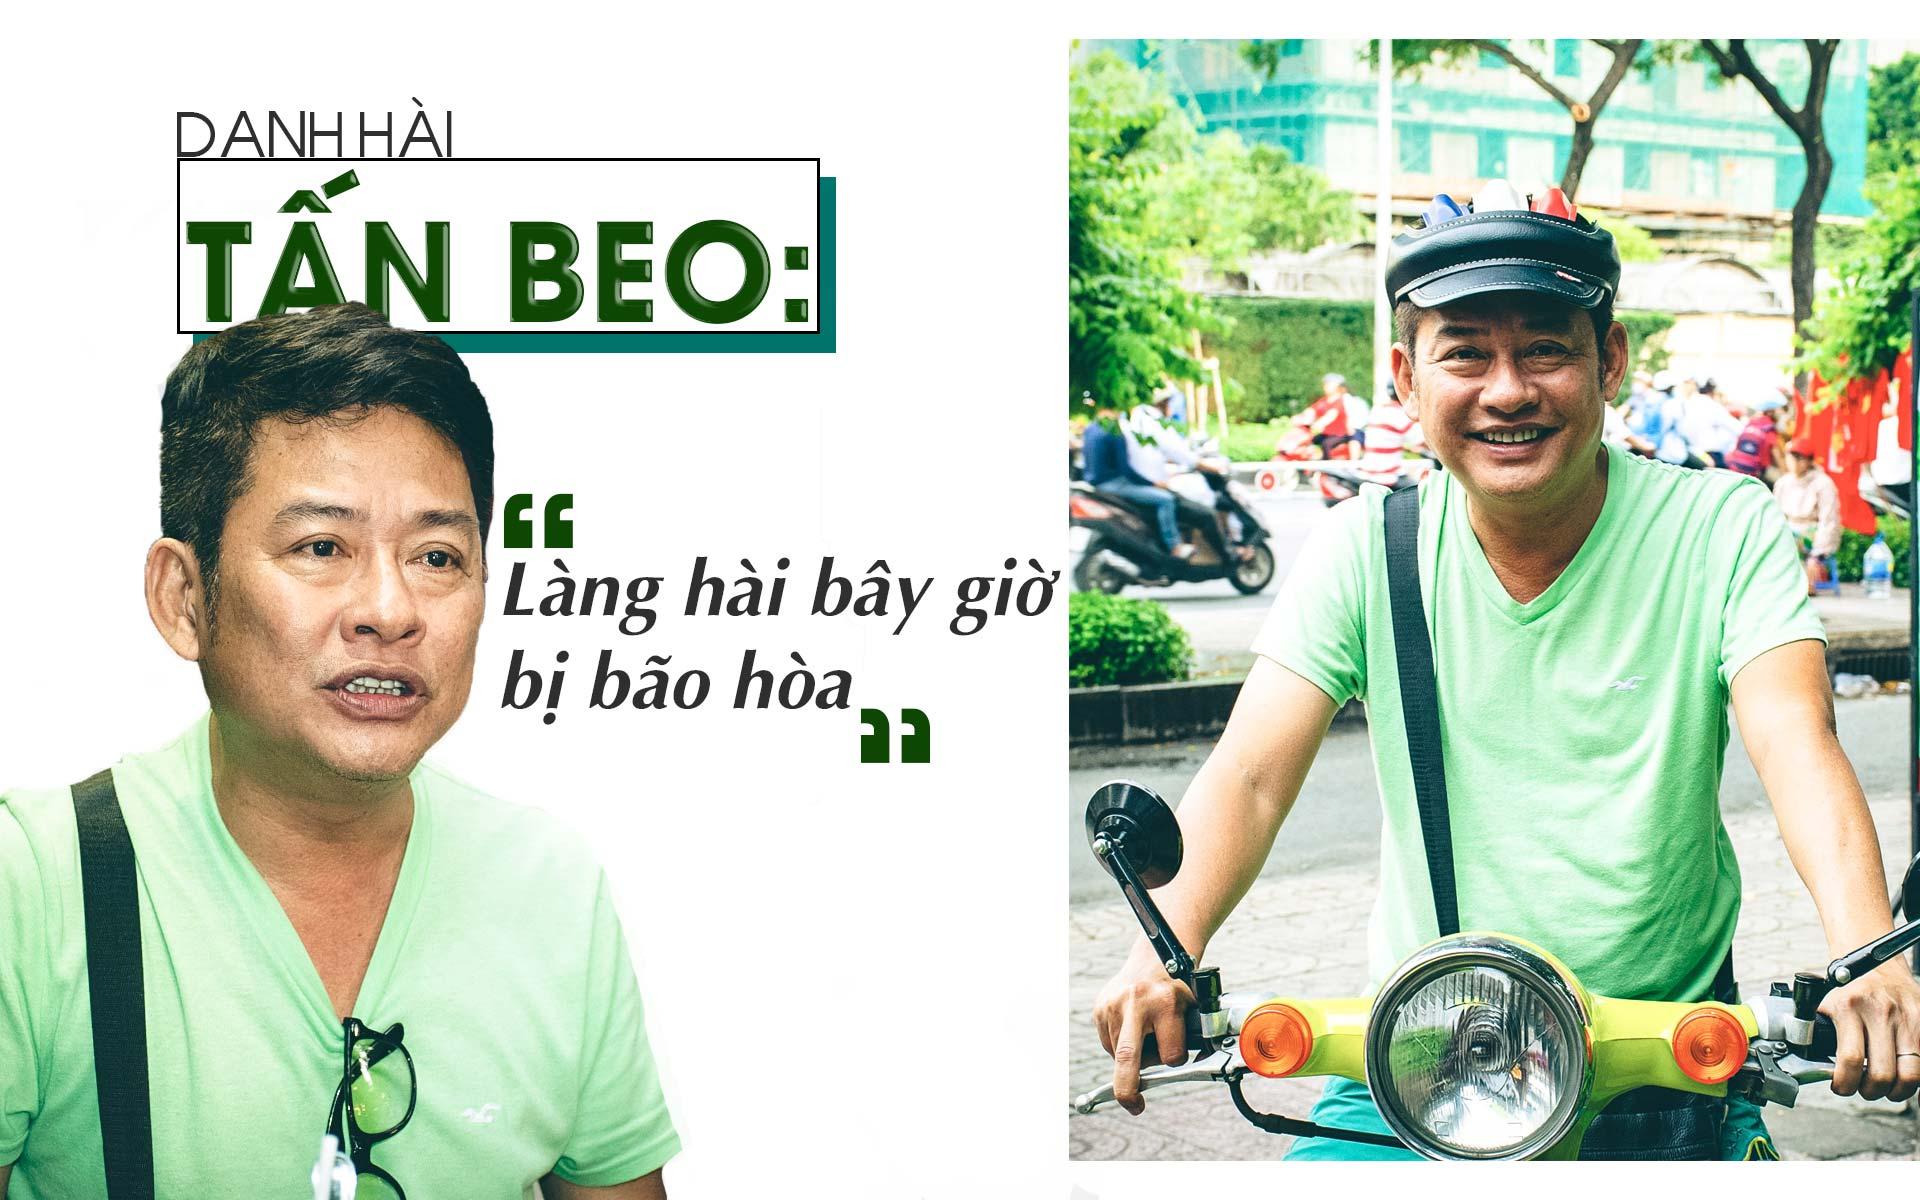 Danh hài Tấn Beo: Những người lên báo vạch mặt nhau không phải là nghệ sĩ - 1